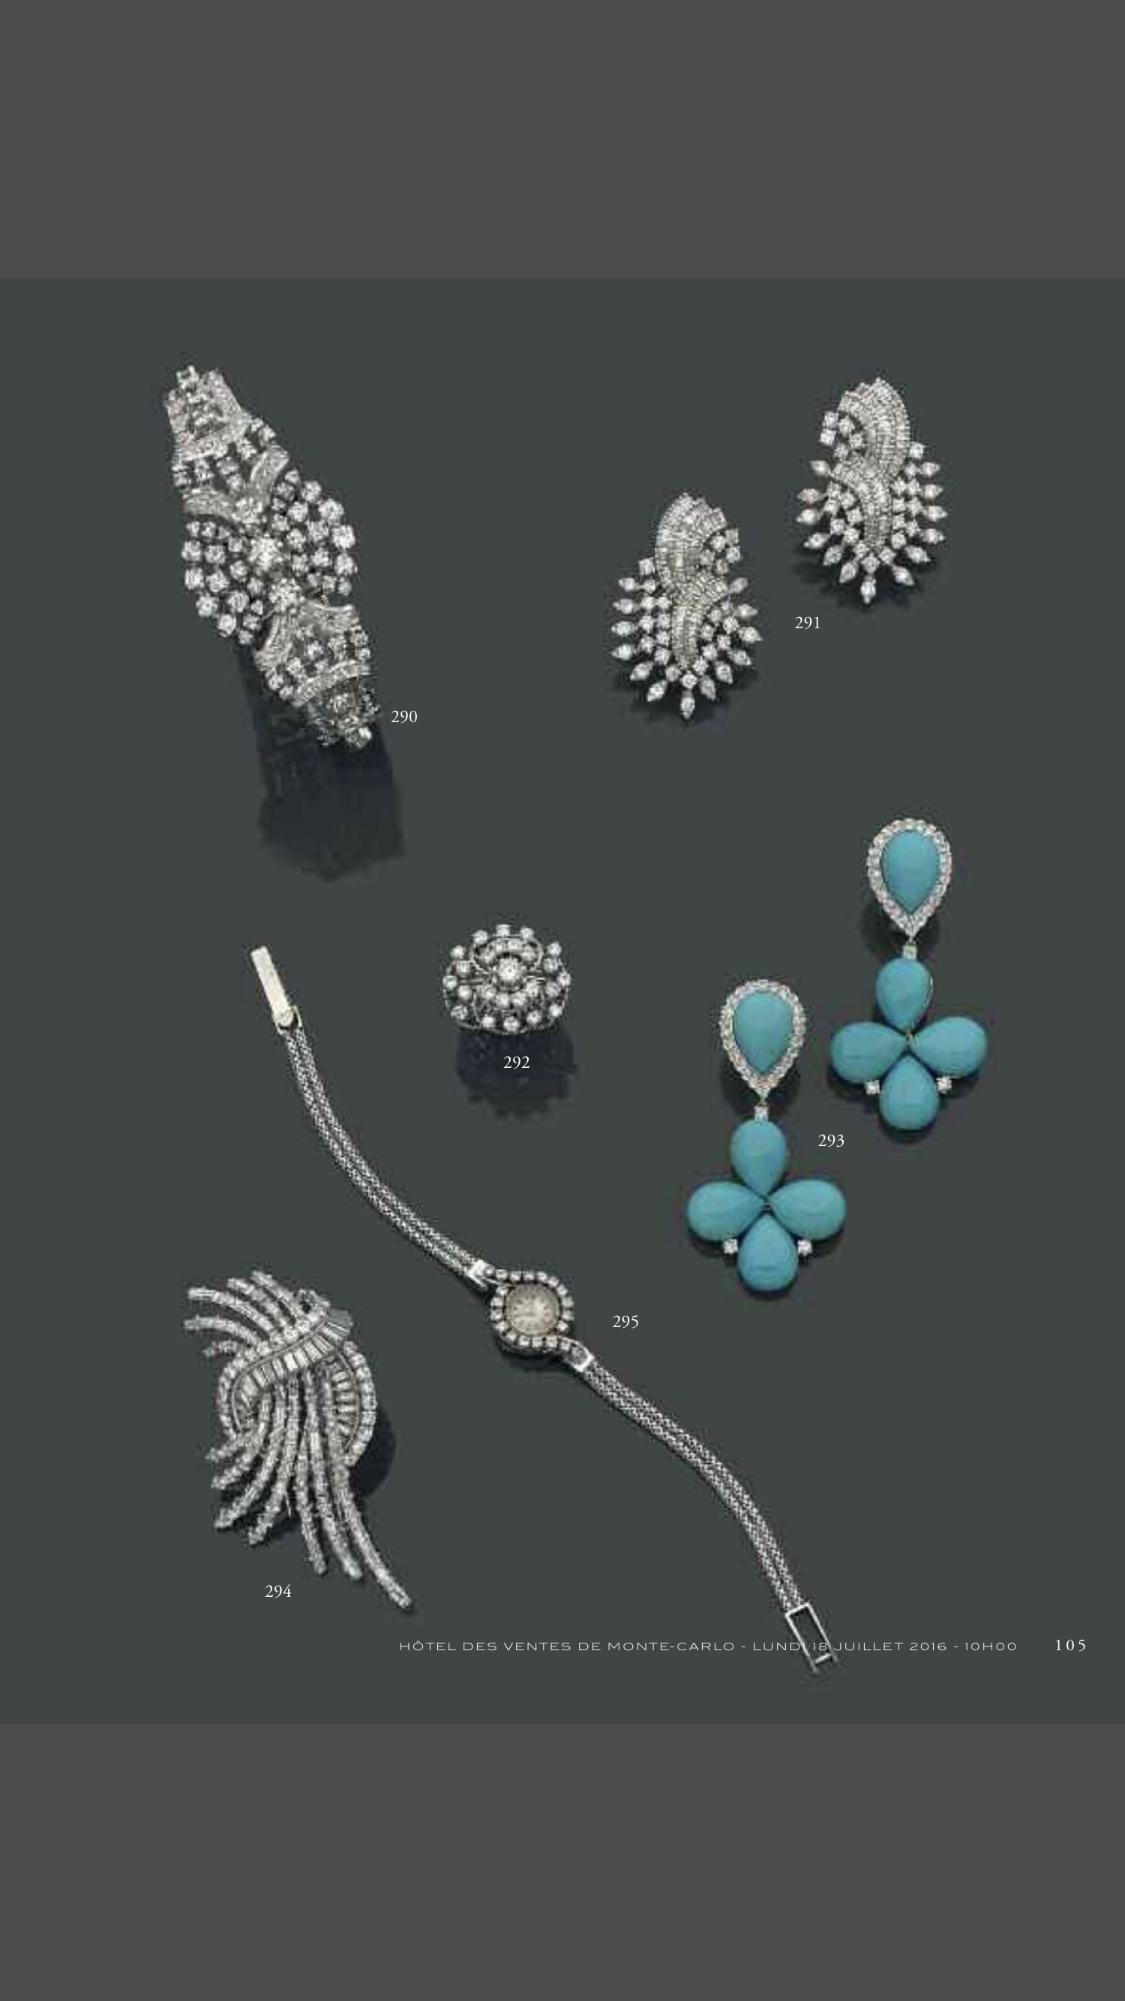 Pin by ajoy on diamond u stones pinterest diamond stone diamond